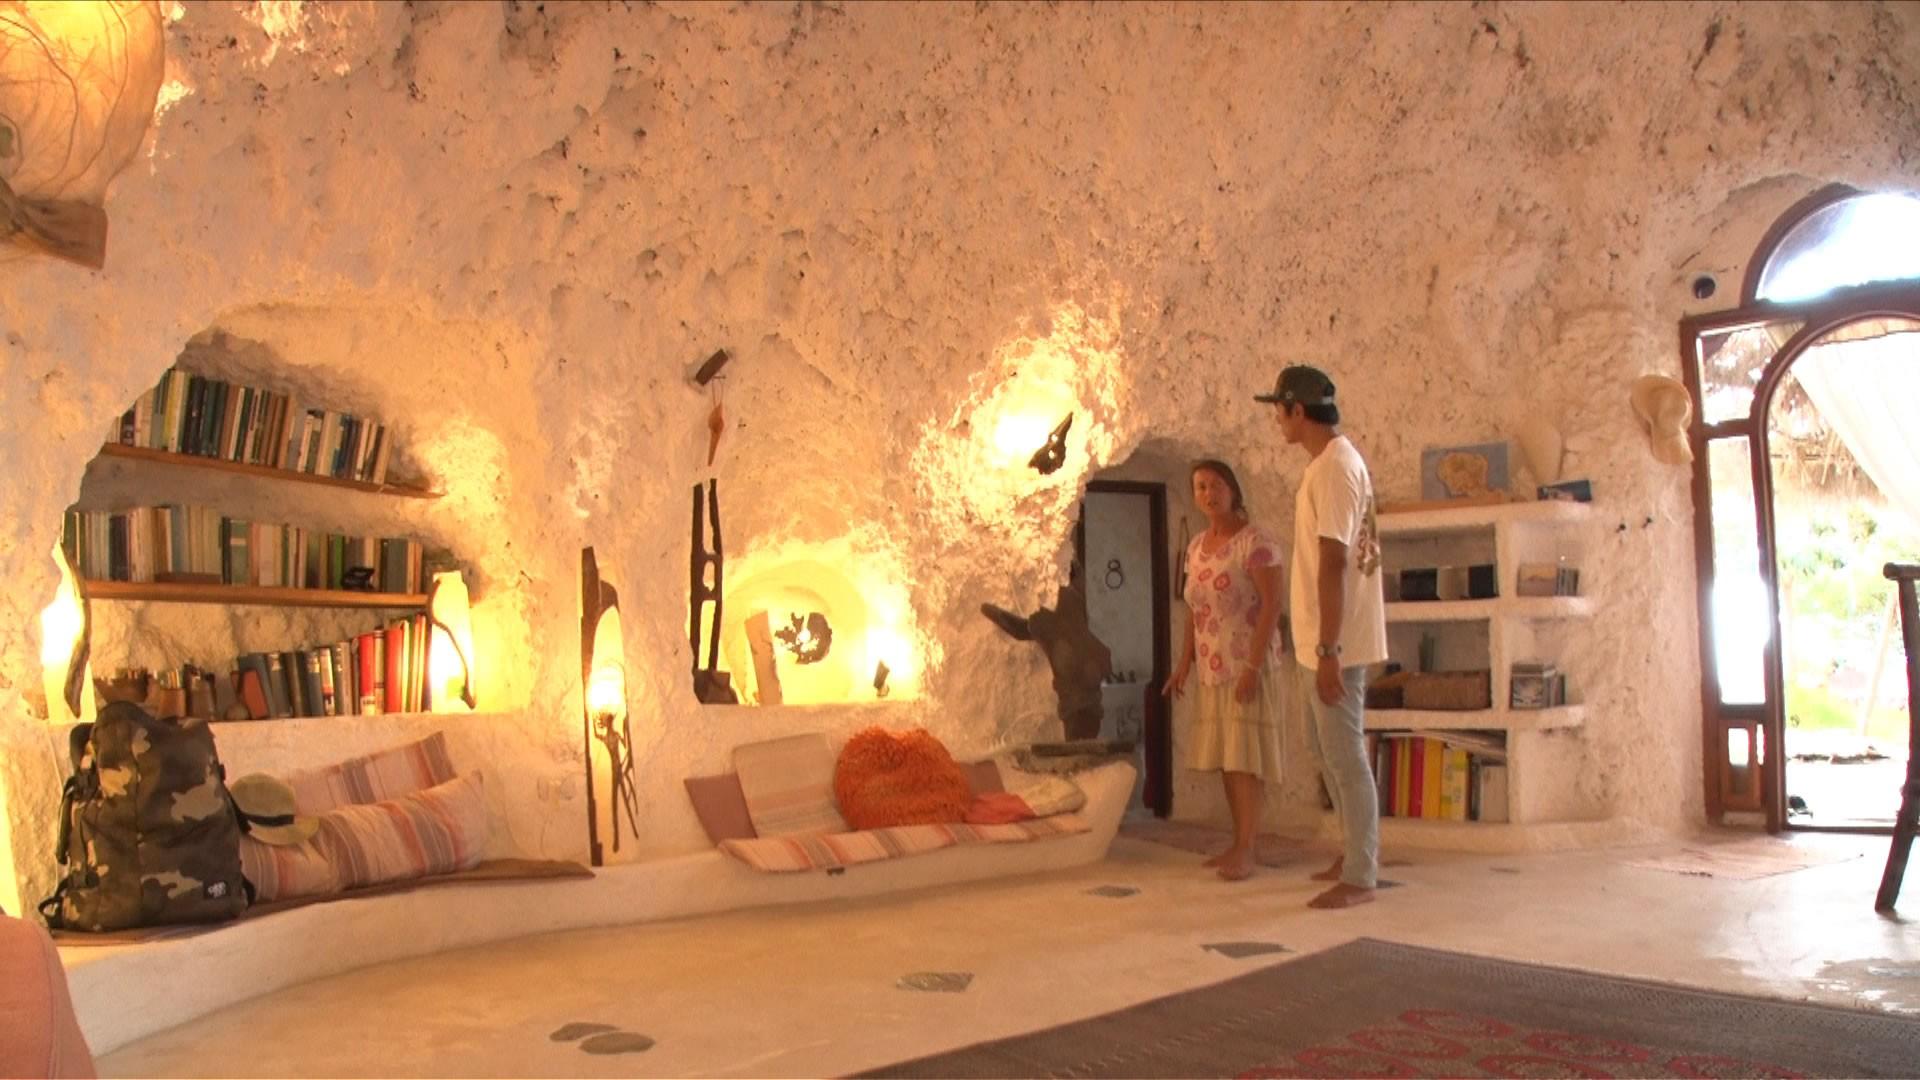 住んでる人が見たい!世界の超!絶景ハウス 第7弾イタリア